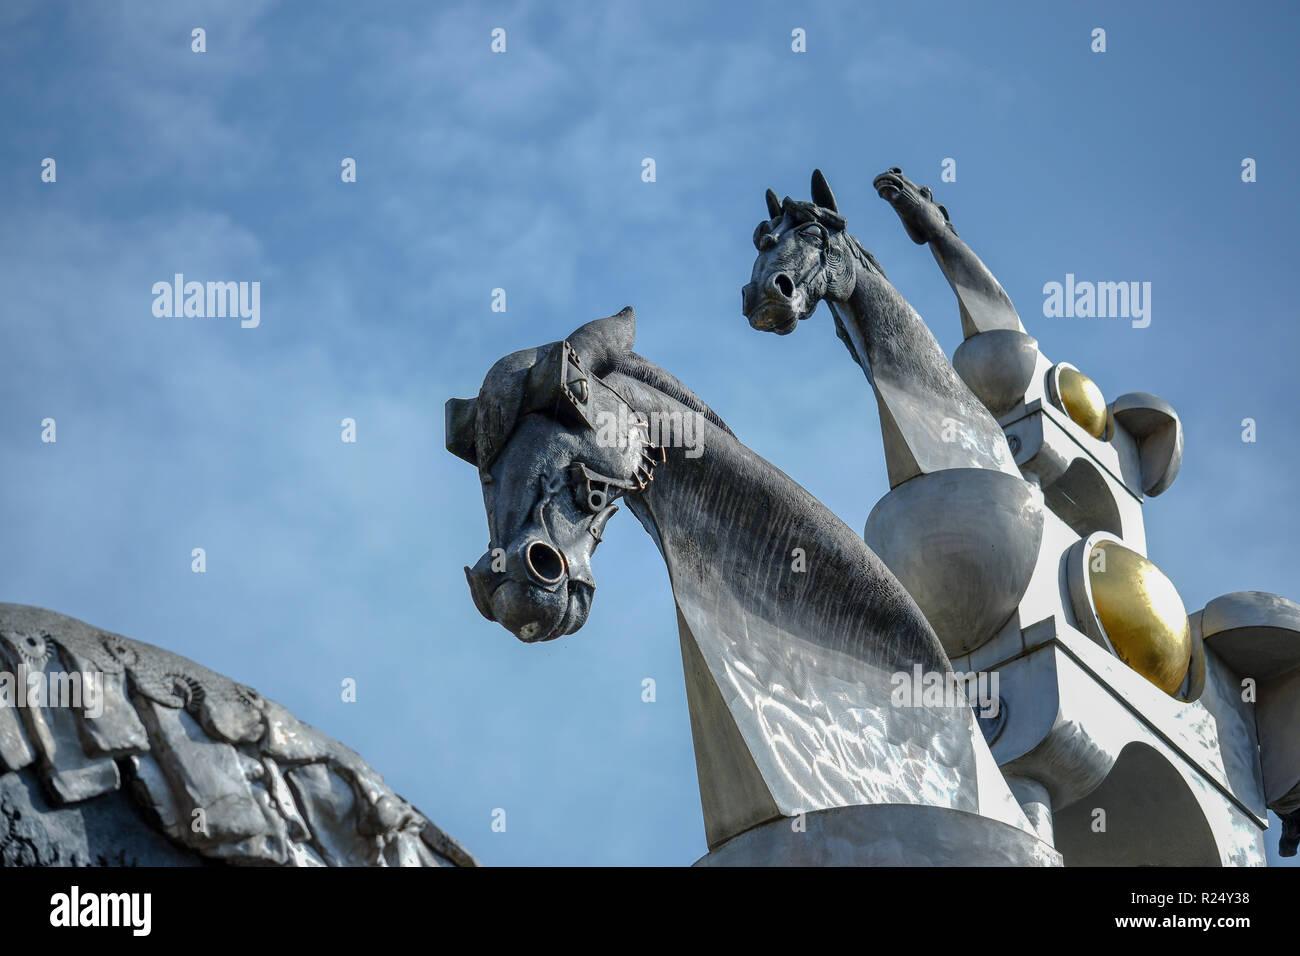 'Turm der grauen Pferde', artwork by Jürgen Goertz in Bietigheim-Bissingen - Stock Image